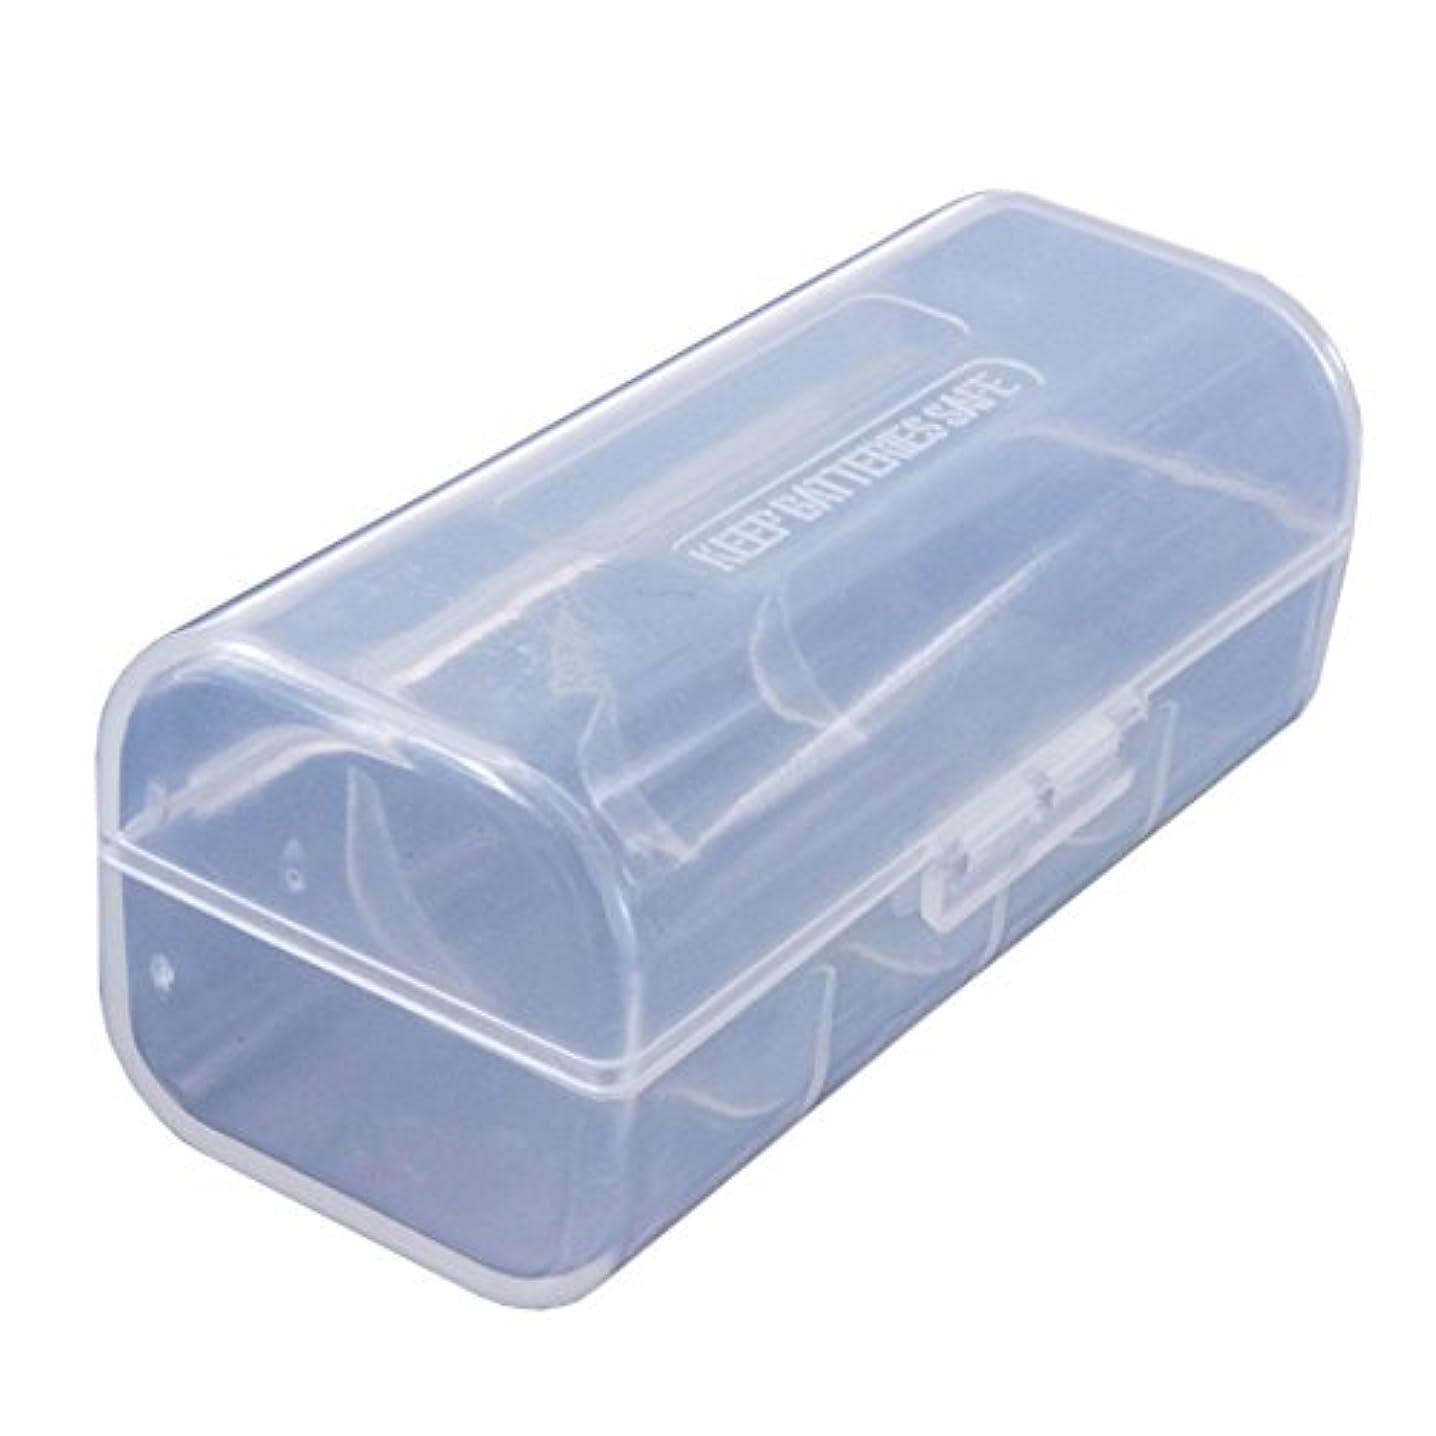 ページェントティーンエイジャー打倒Diz+(ディズプラス) 【電池の保護?保管に】 1* 26650 用バッテリーケース / 電池ケース Battery case for 1*26650